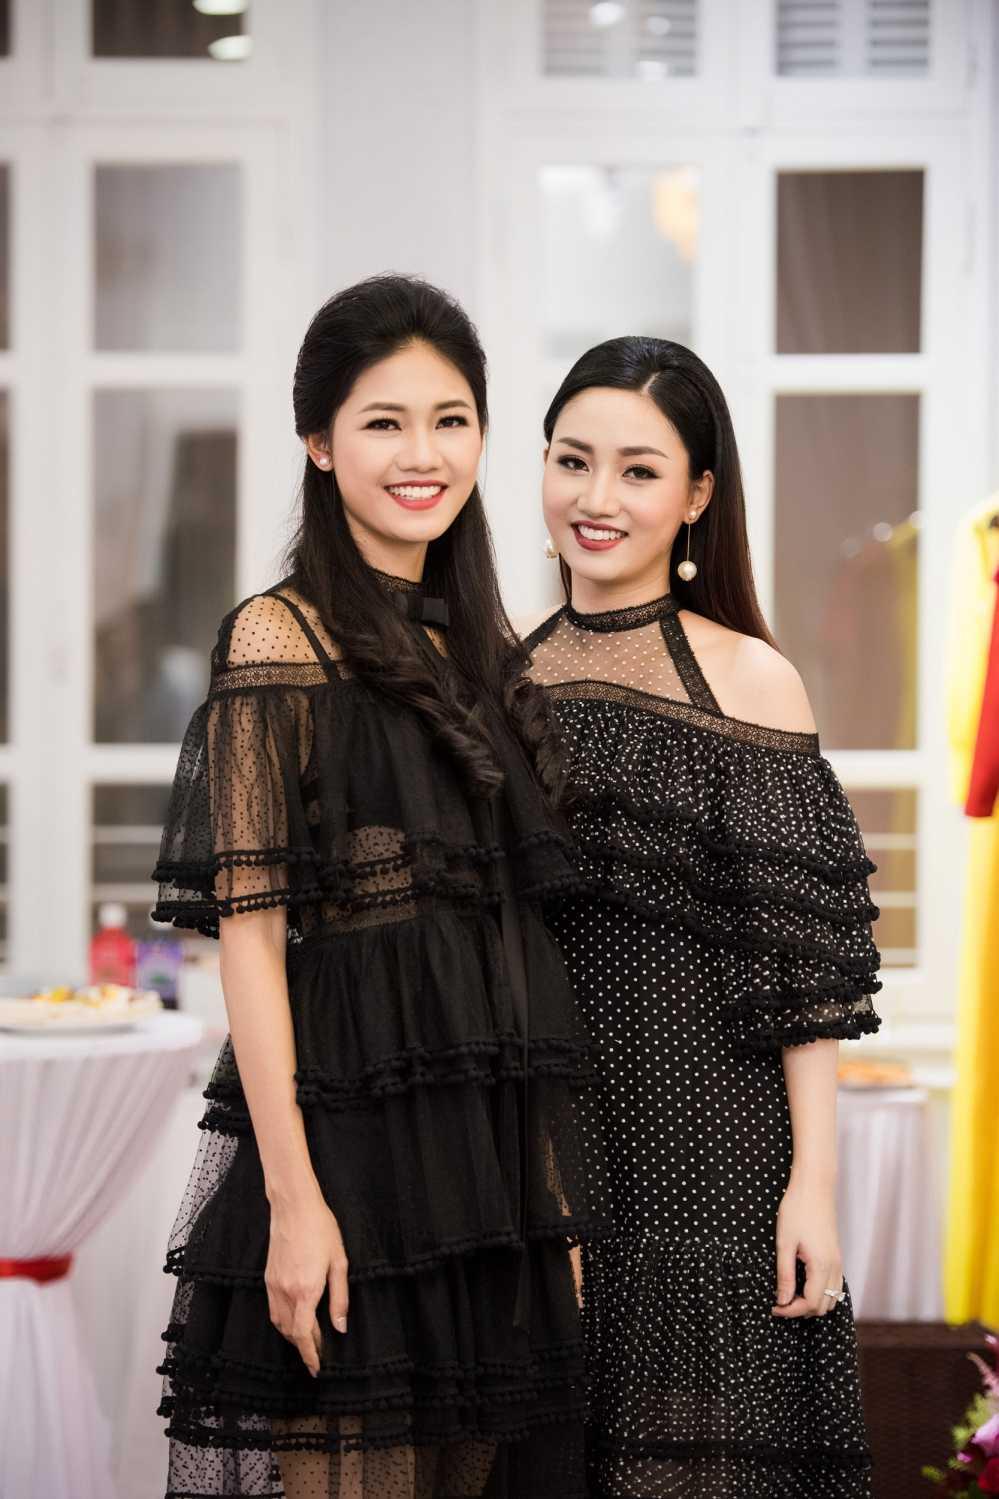 'Nguoi dep truyen thong' Ngoc Van hoi ngo dan chi Huyen My hinh anh 8